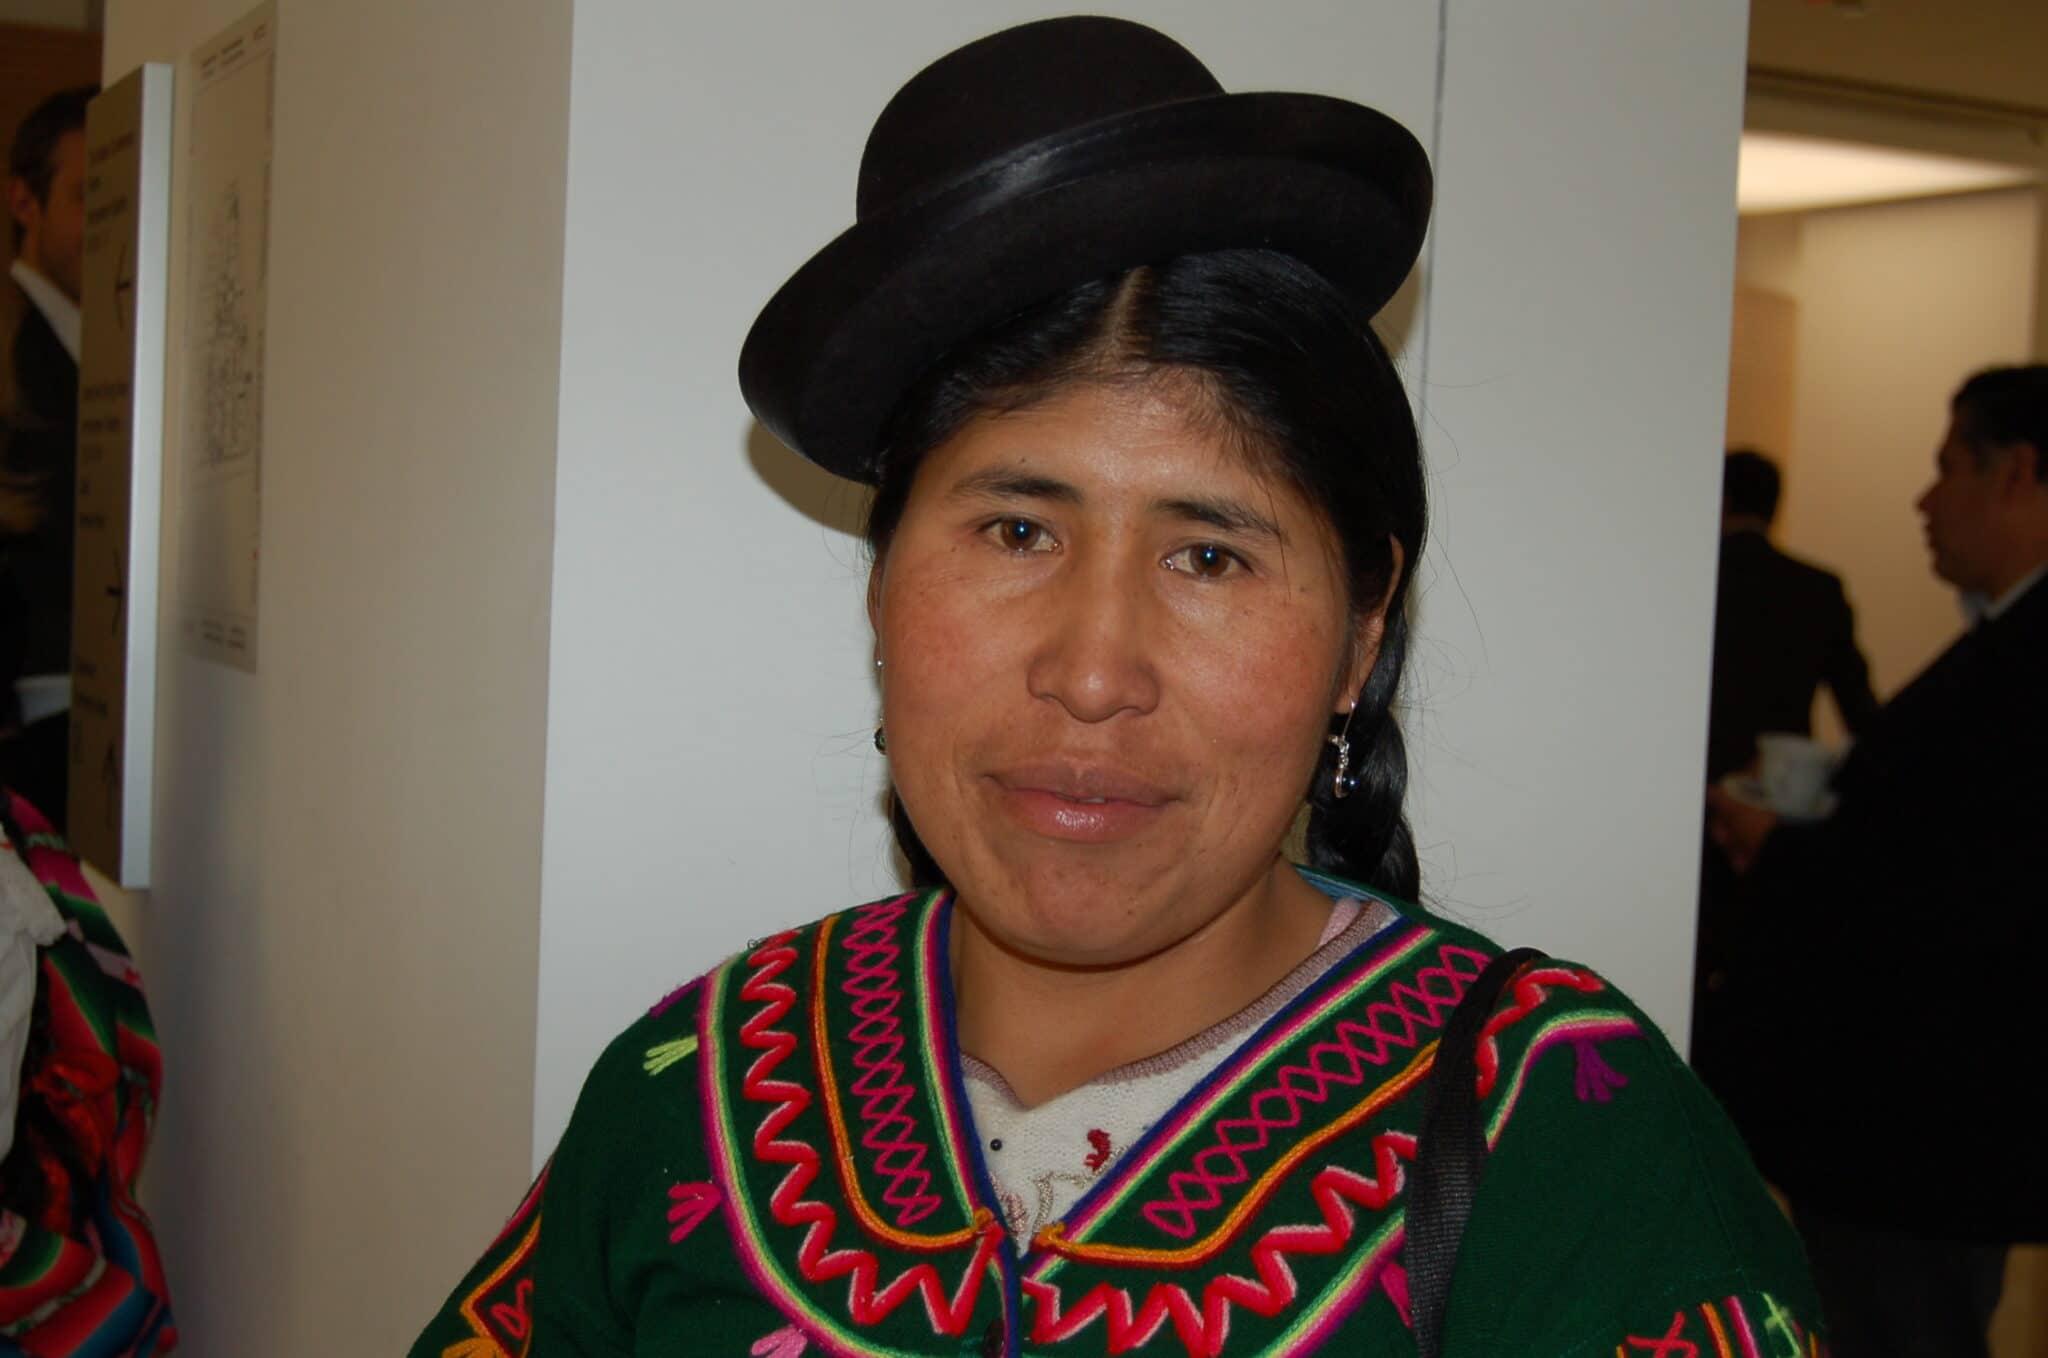 Entretien avec Julia Flores Calderon, Présidente de l'association Asaarcum au Pérou